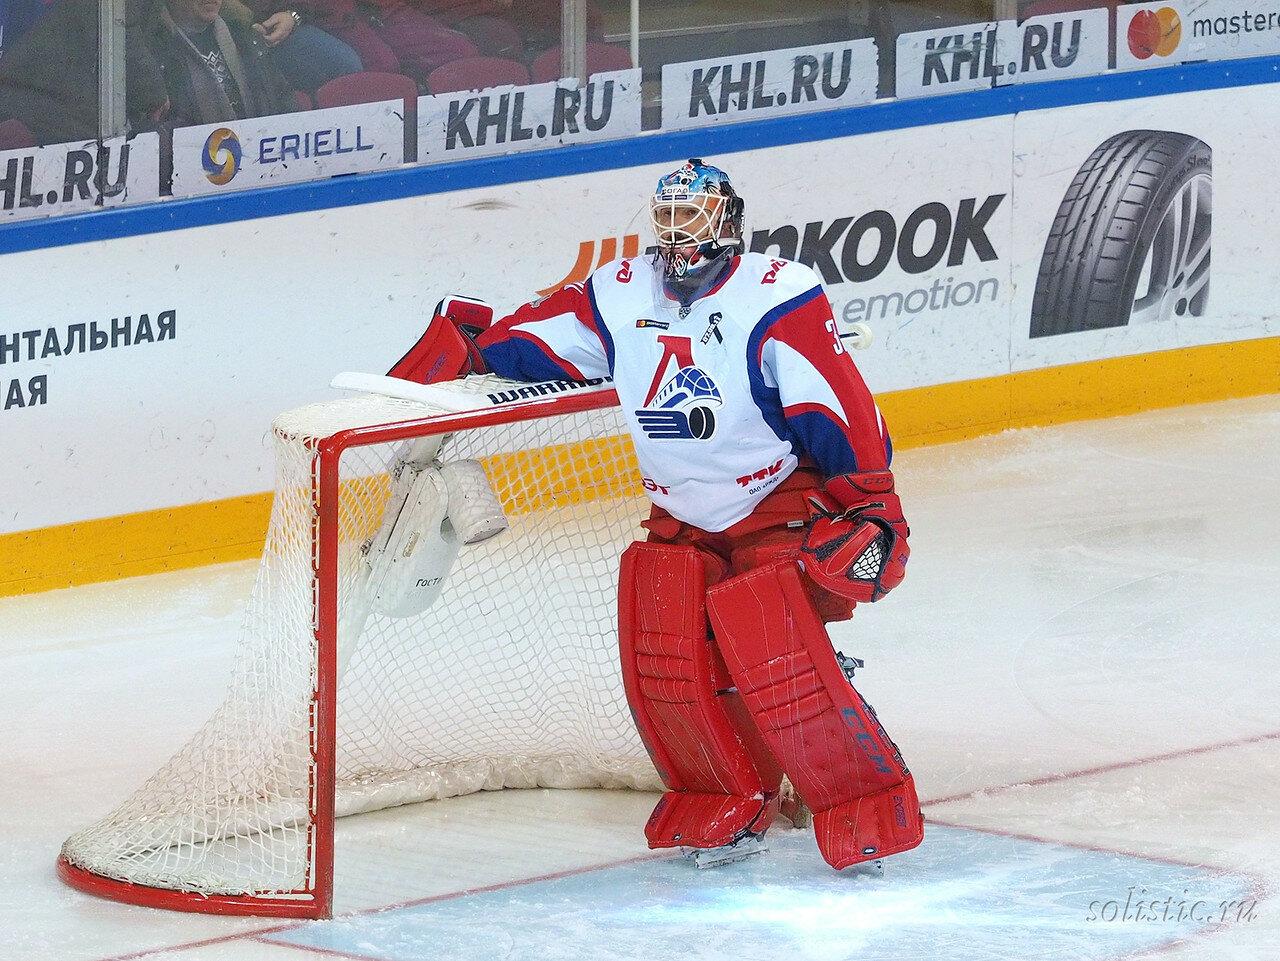 64 Металлург - Локомотив 05.01.2018